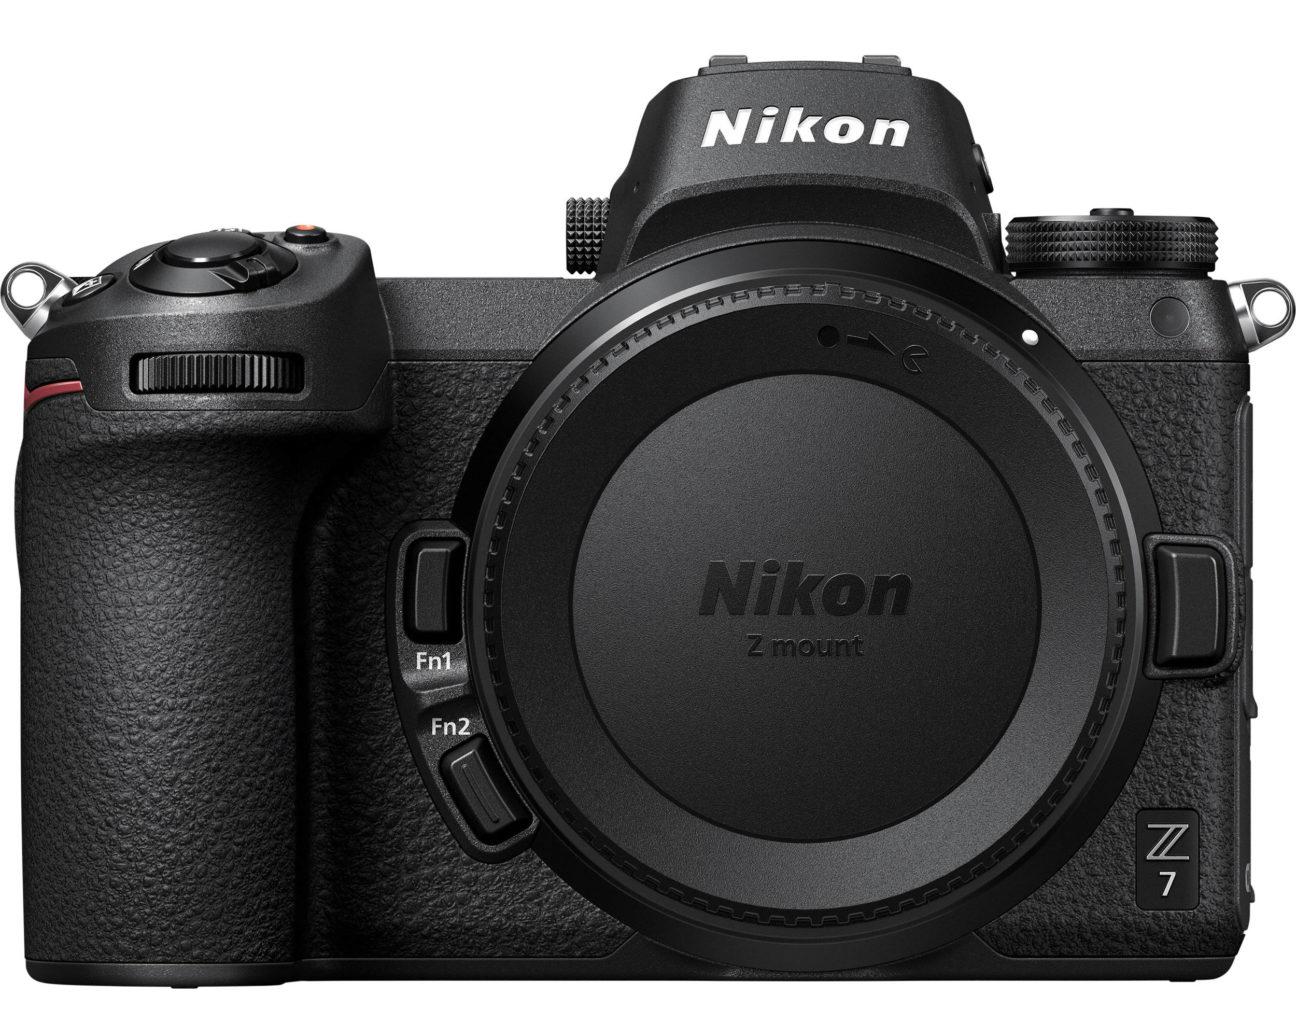 kamera,spiegellos,nikon